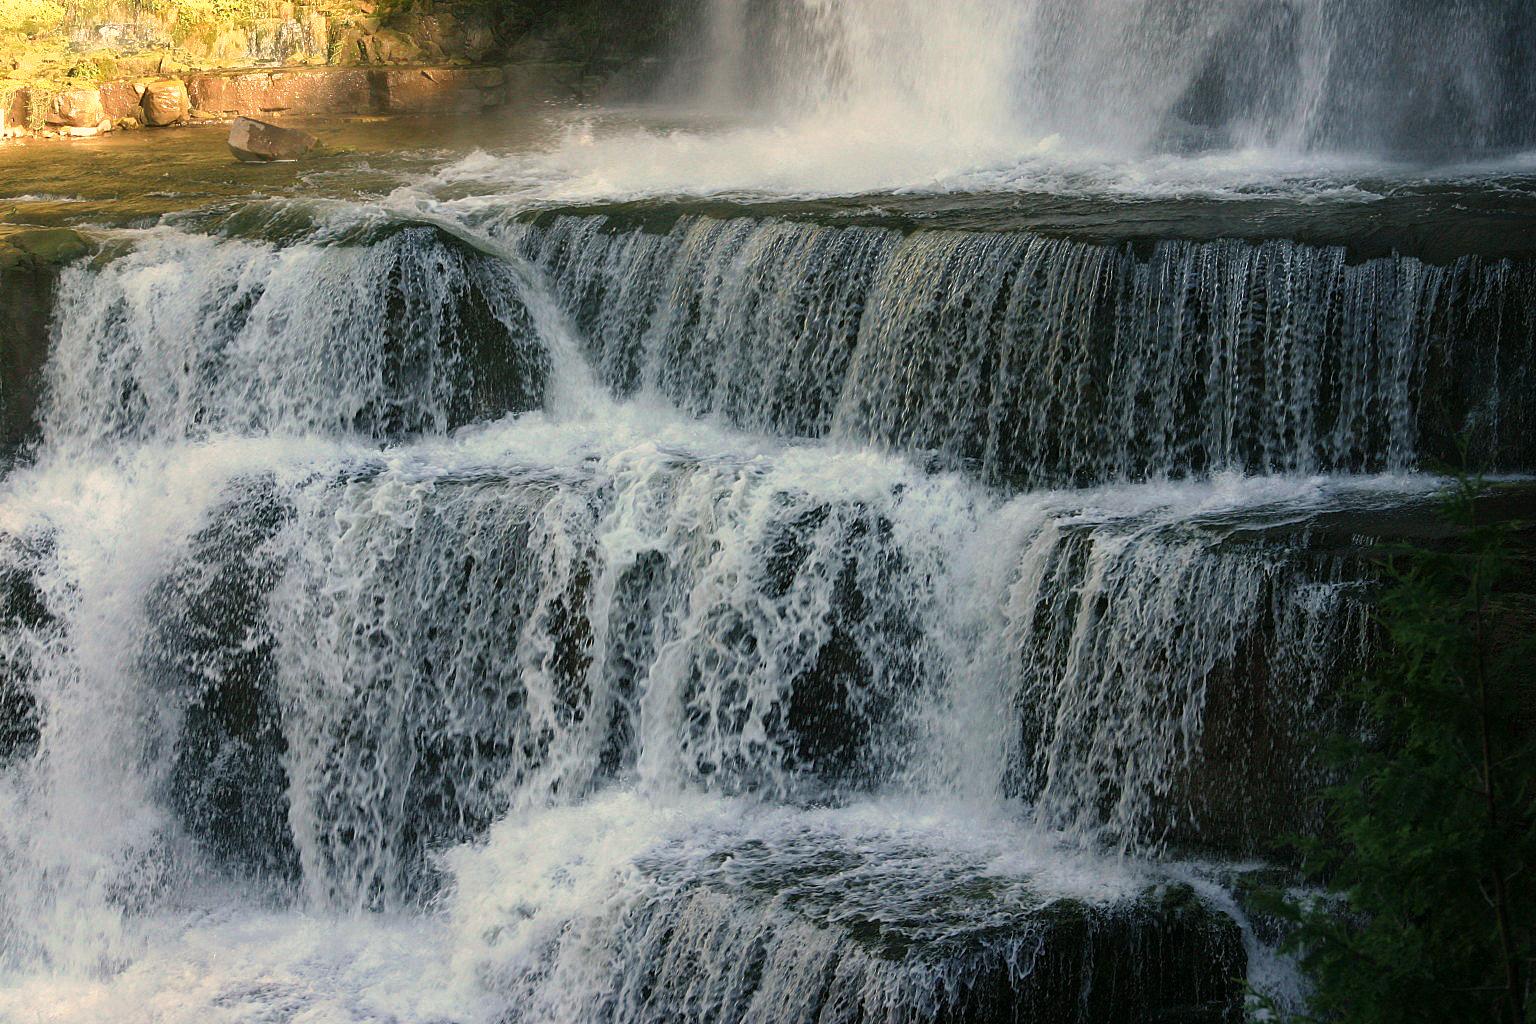 Chittenango Falls Waterfall Stock Image III by MissNioniel